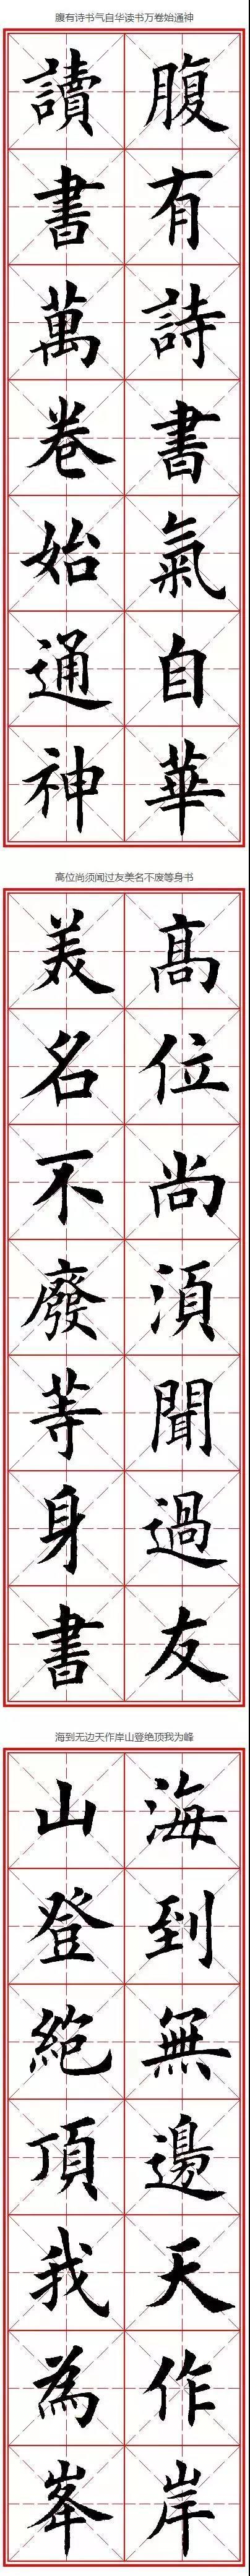 田英章励志楷书字帖欣赏,15练字网分享